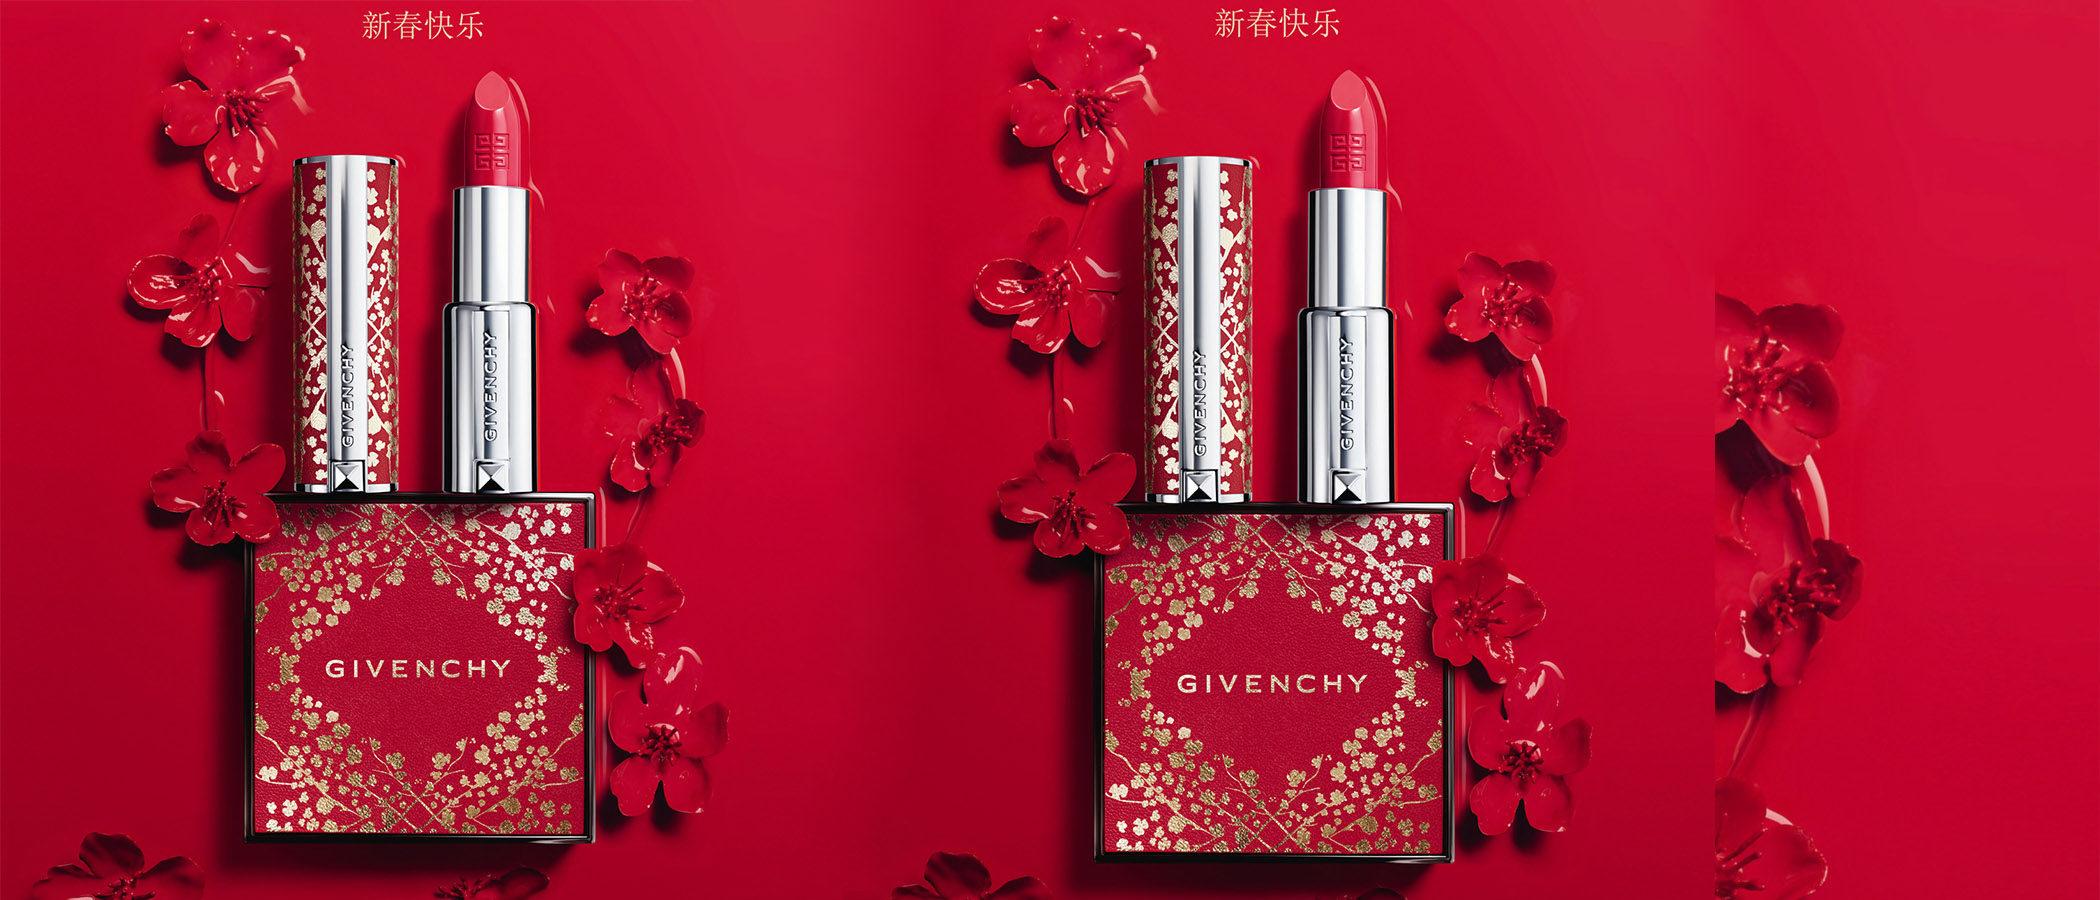 Givenchy festeja el Año Nuevo Chino lanzando una preciosa edición de dos de sus artículos más icónicos